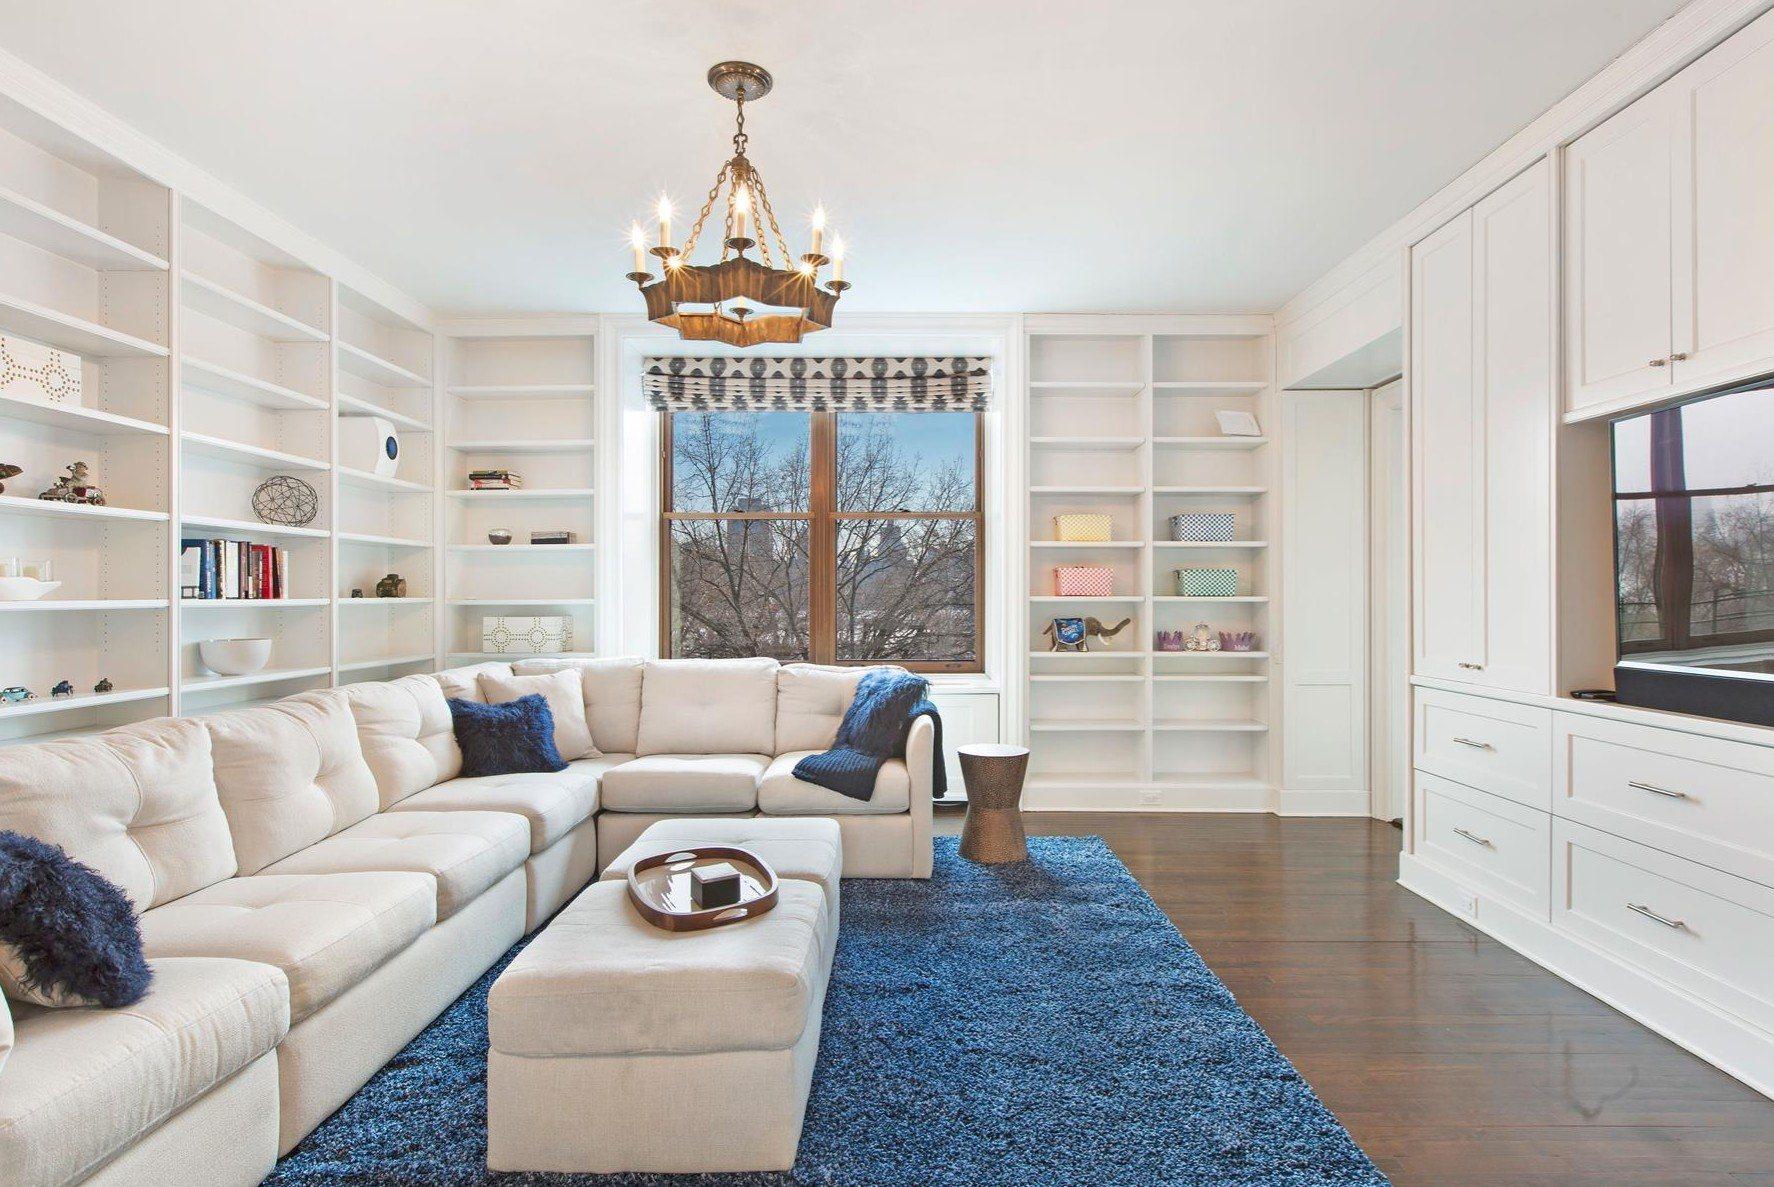 Bruce willis mette in vendita un lussuoso appartamento a for Case in vendita new york manhattan